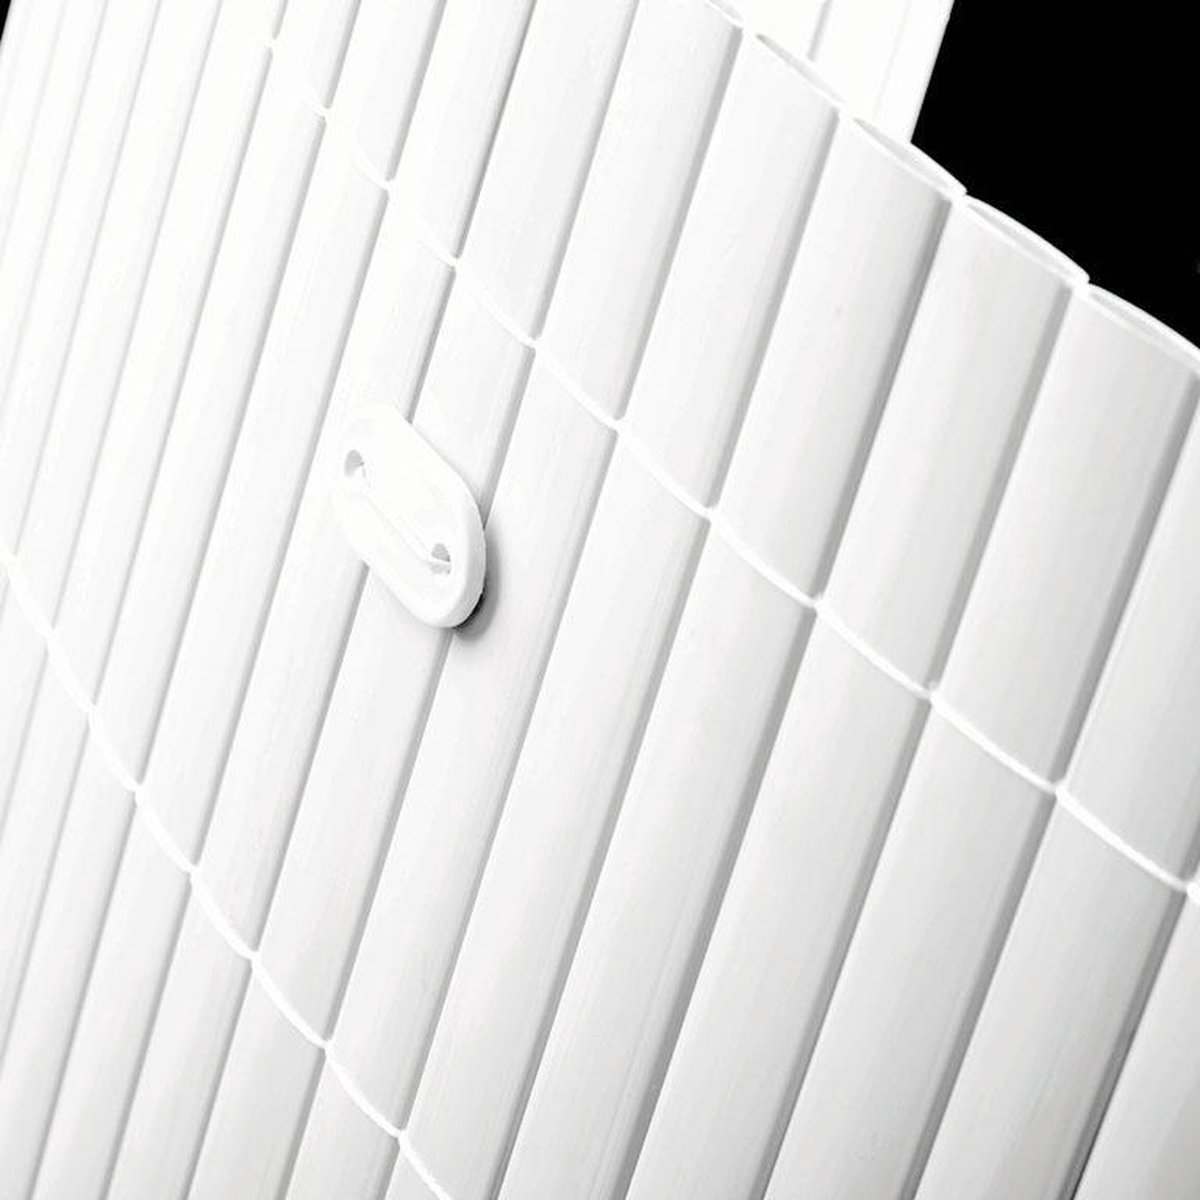 Intergard Tuinscherm tuinafscheiding kunststof PVC wit 150x500cm